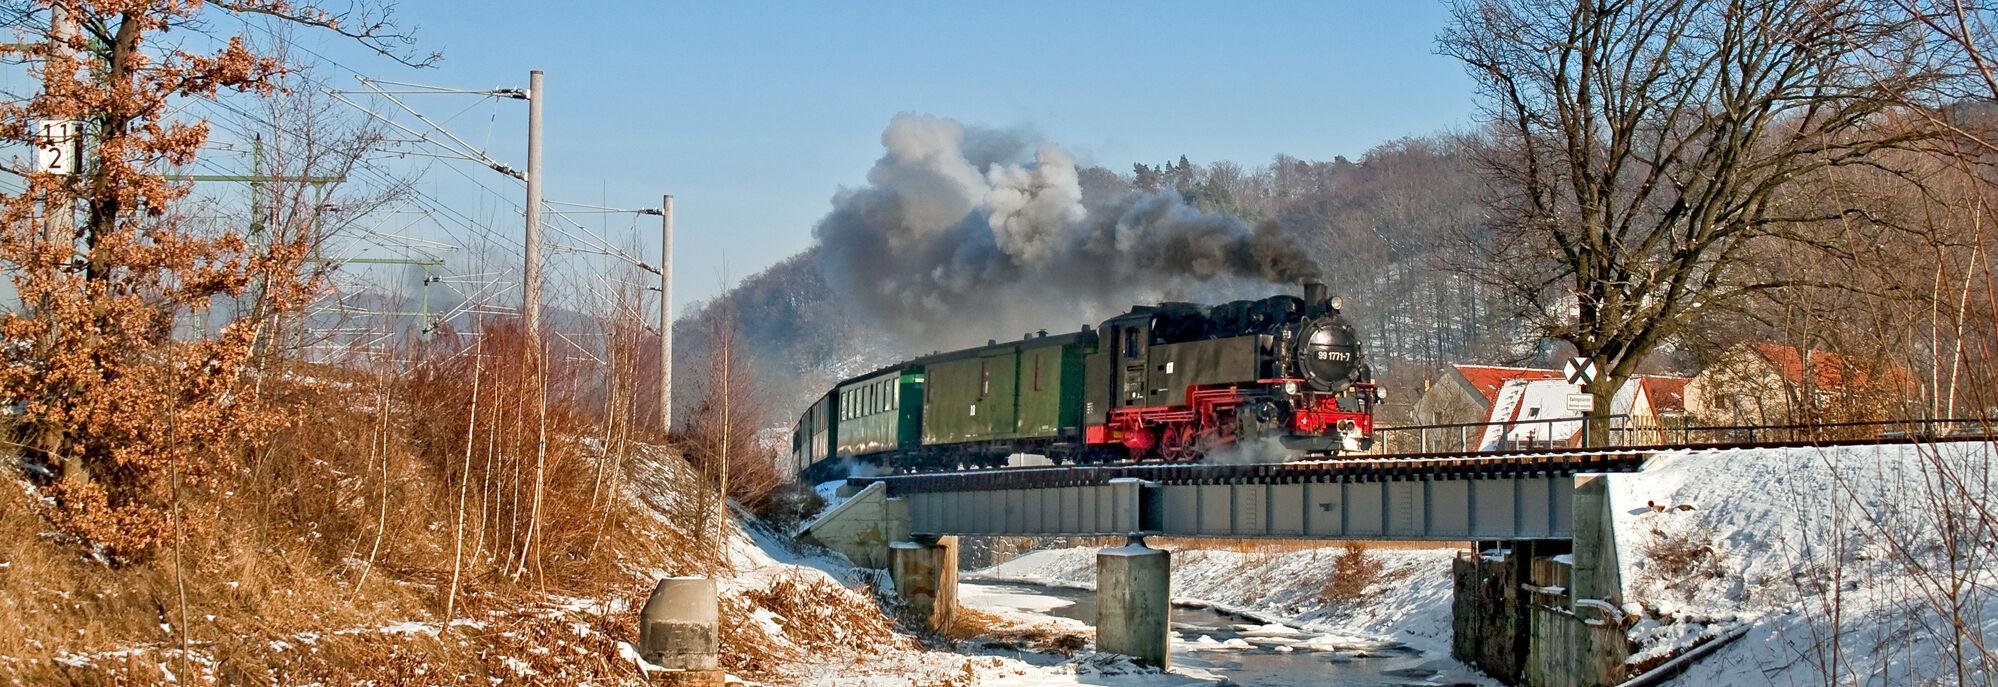 Zug dampft im Winter auf einer Brücke über den Fluss